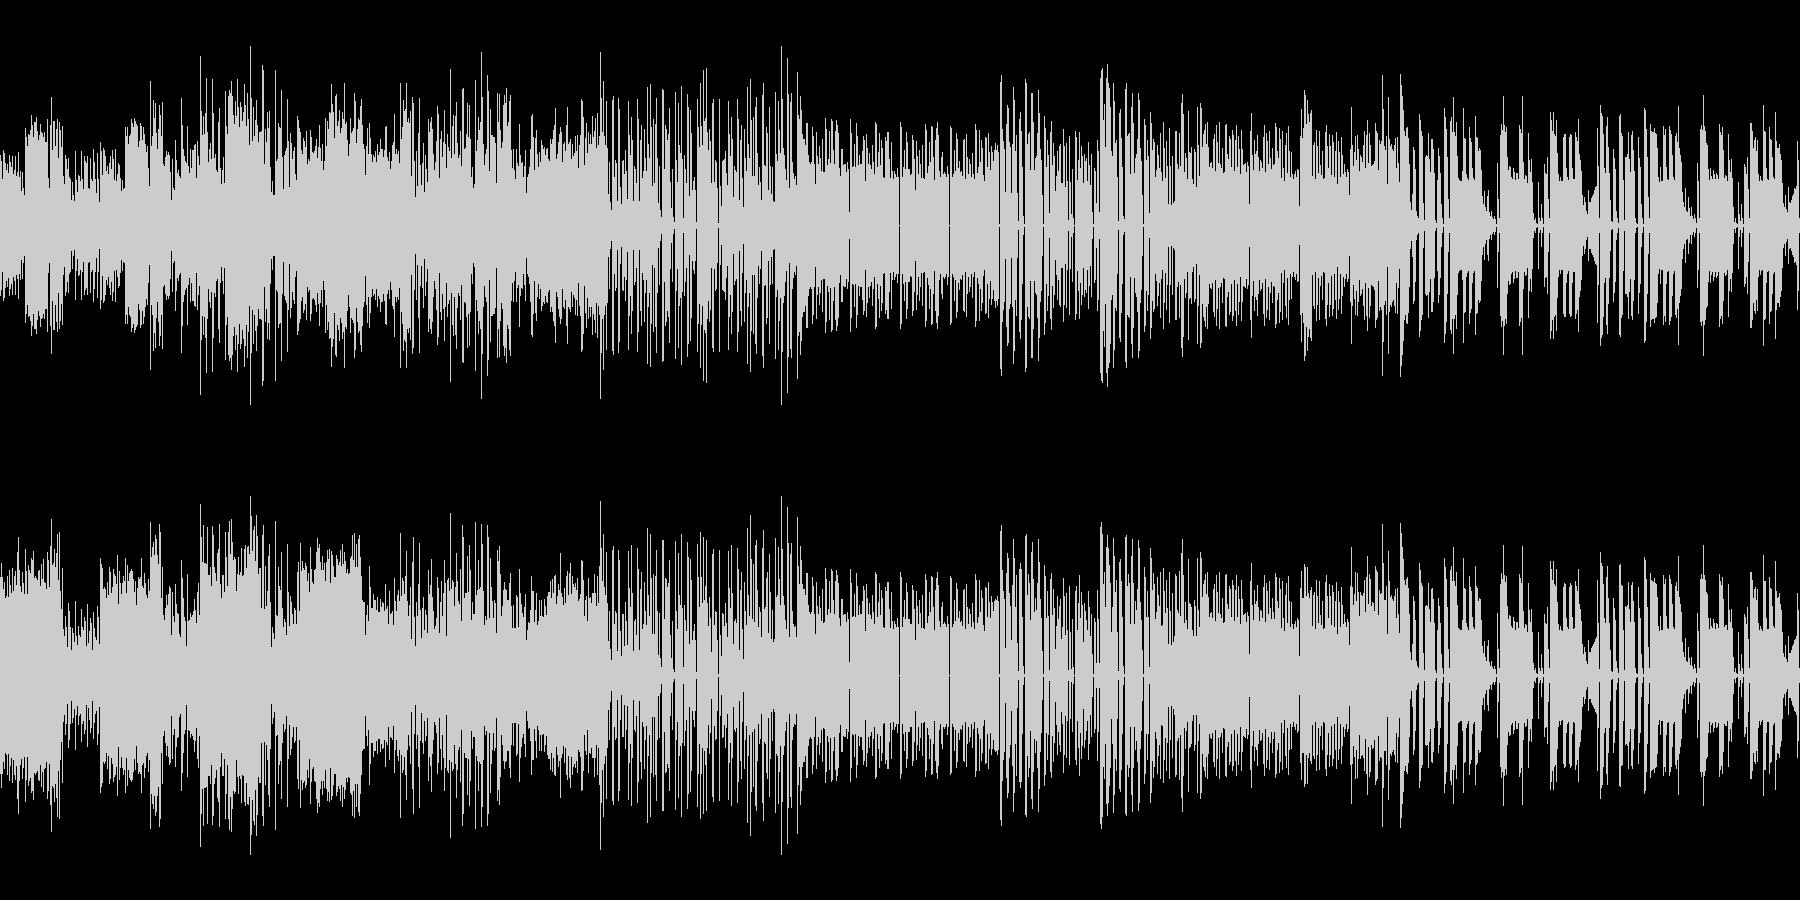 ビート重視のチップチューンの未再生の波形